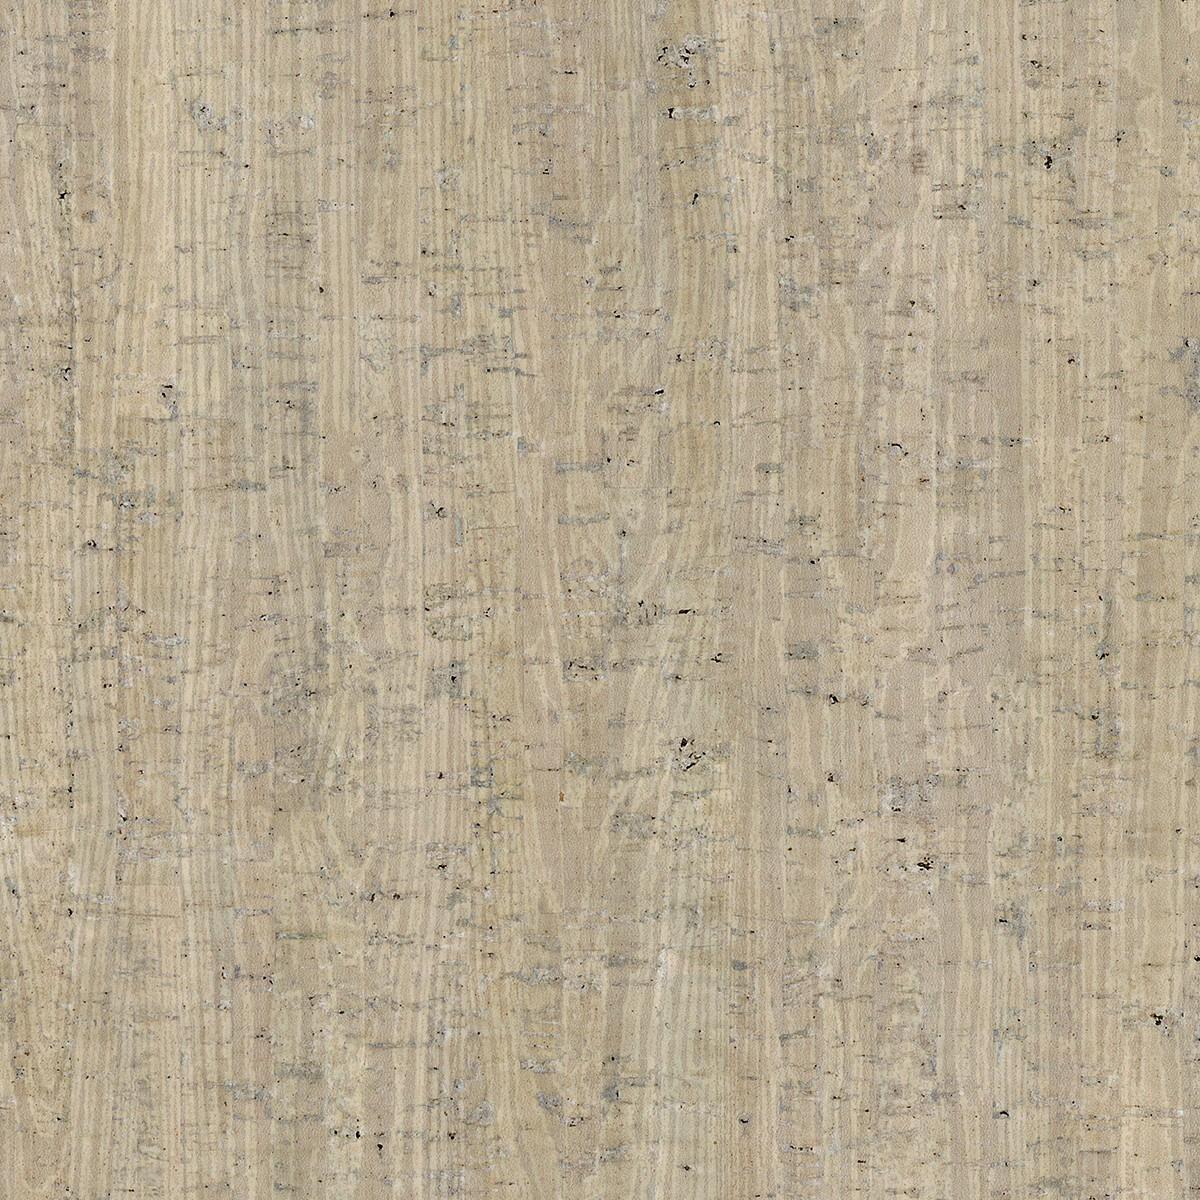 Korkboden fliesenoptik  Korkboden Fliesenoptik: Laminat fliesenoptik bei raumtrend hinze ...